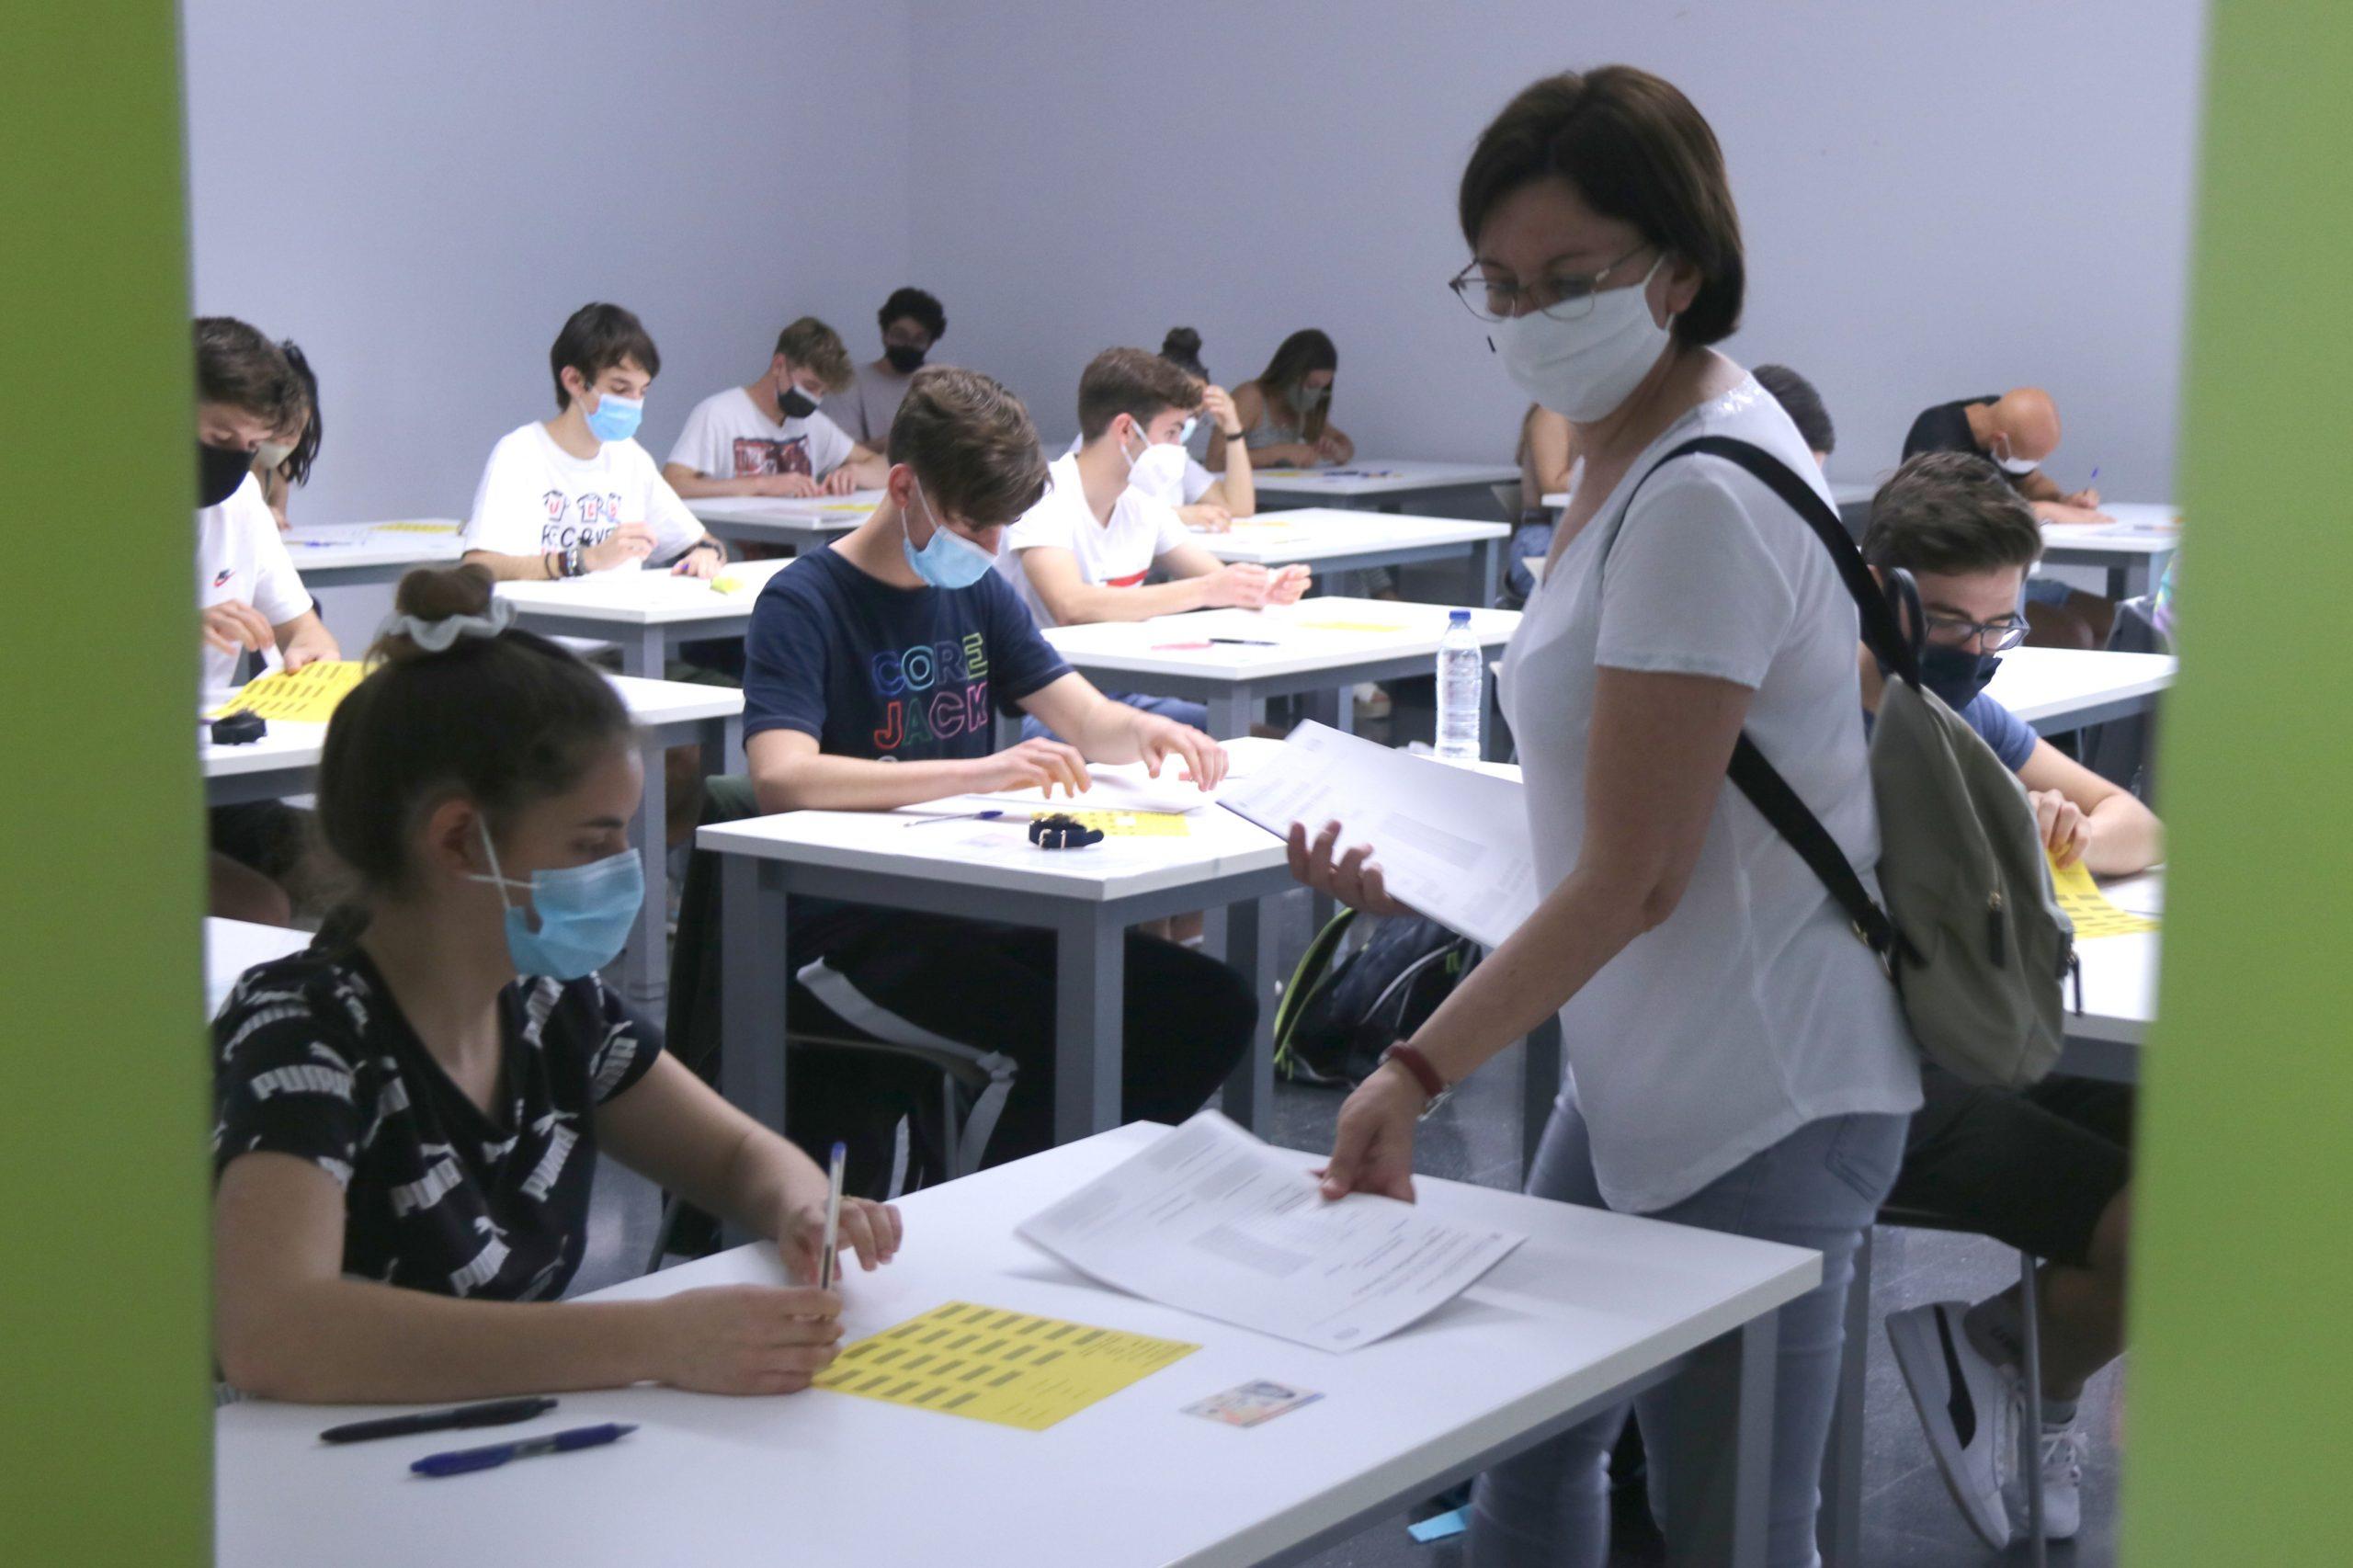 Una professora repartint exàmens/ACN